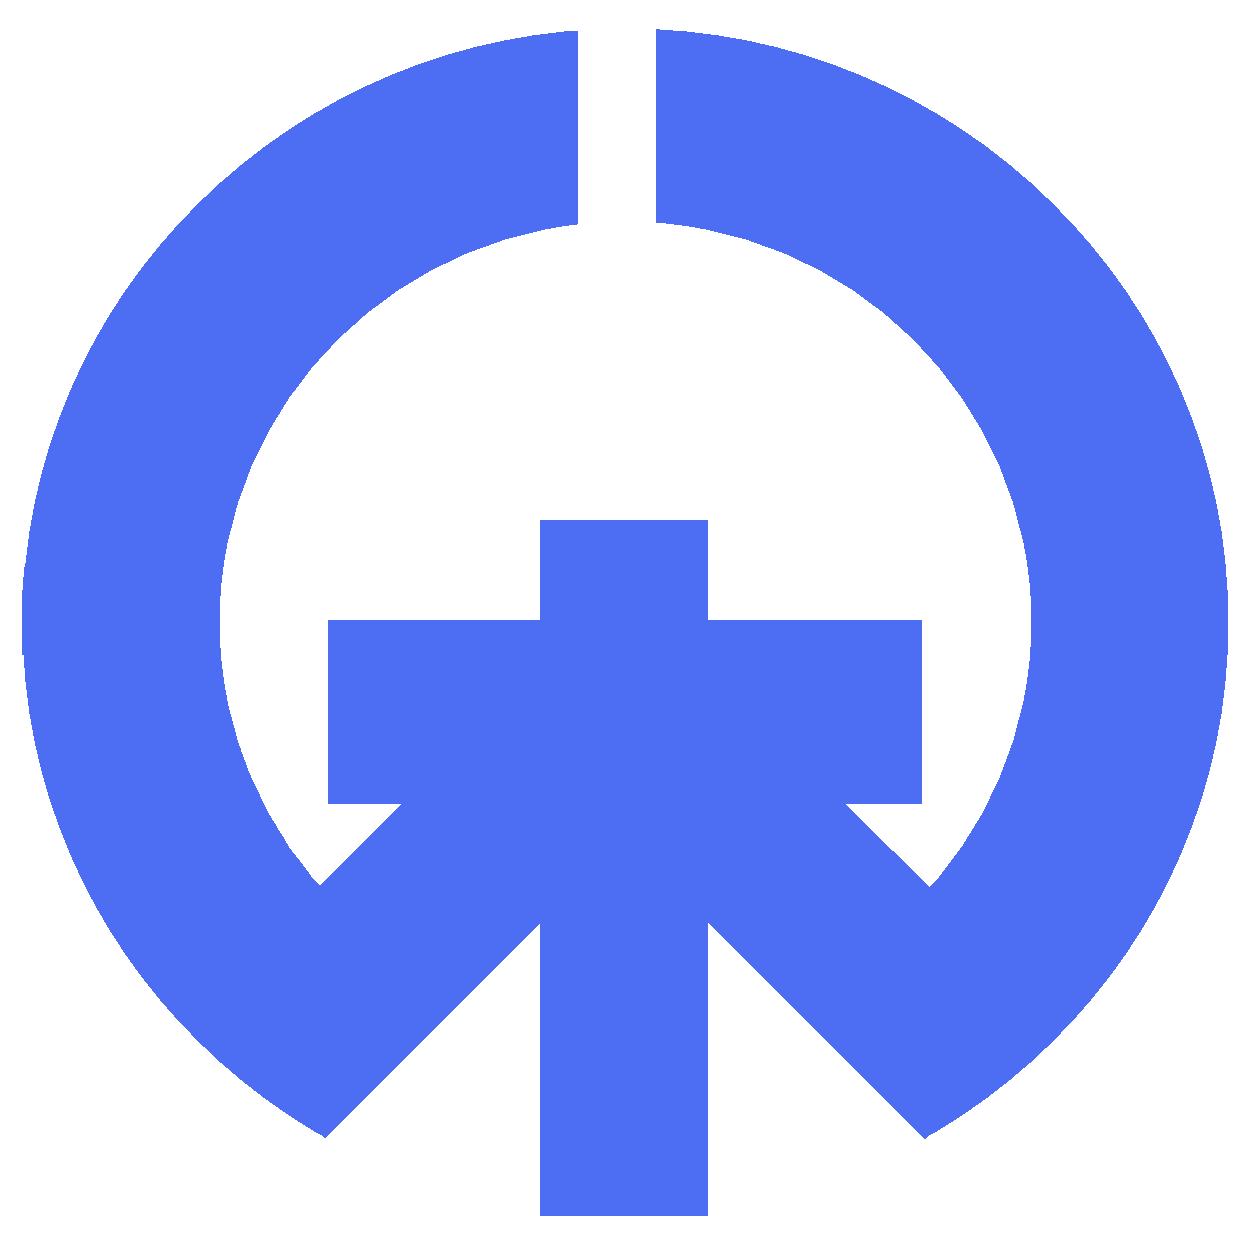 木更津市の市章を作りました - ...